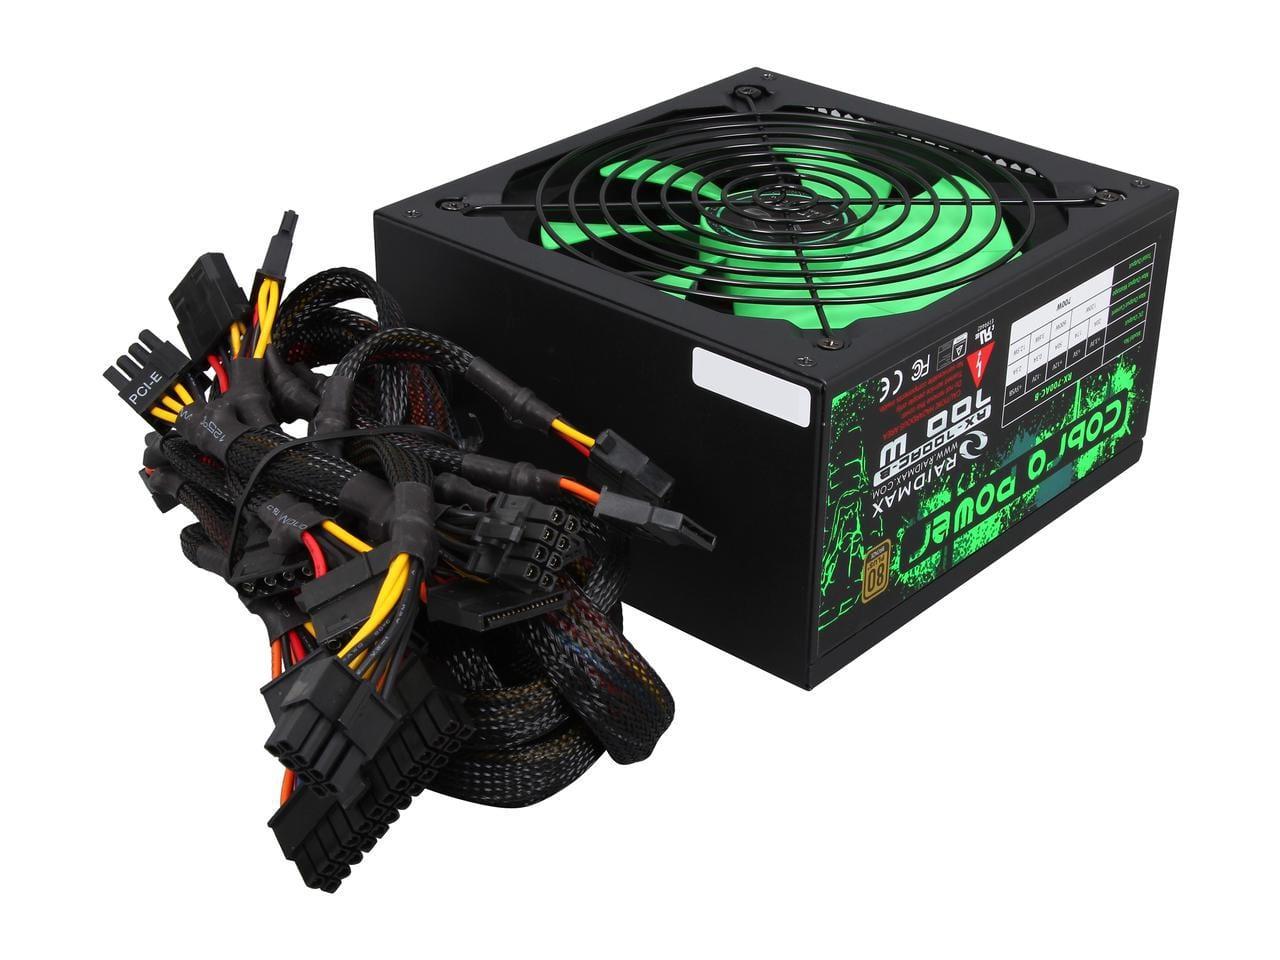 Raidmax Cobra 700w Bronze Non Modular Psu Syntech